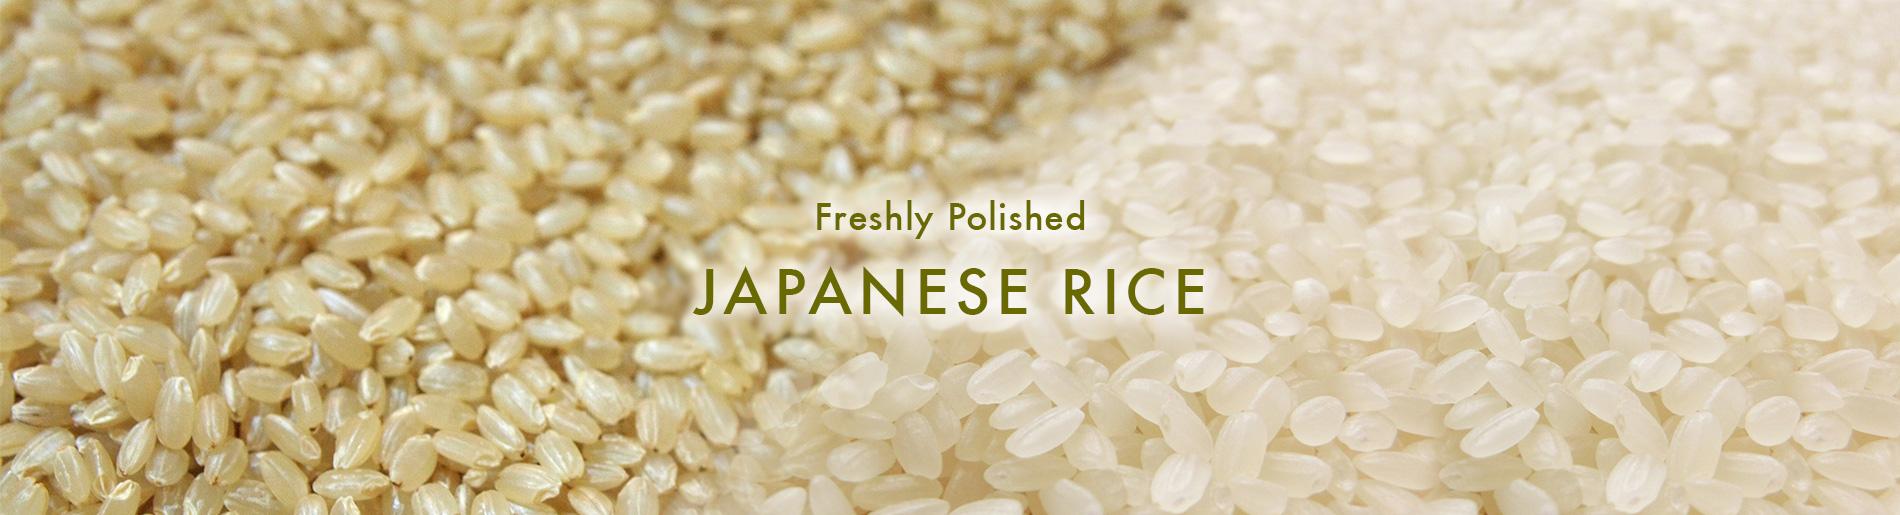 Freshly Polished Japanese rice